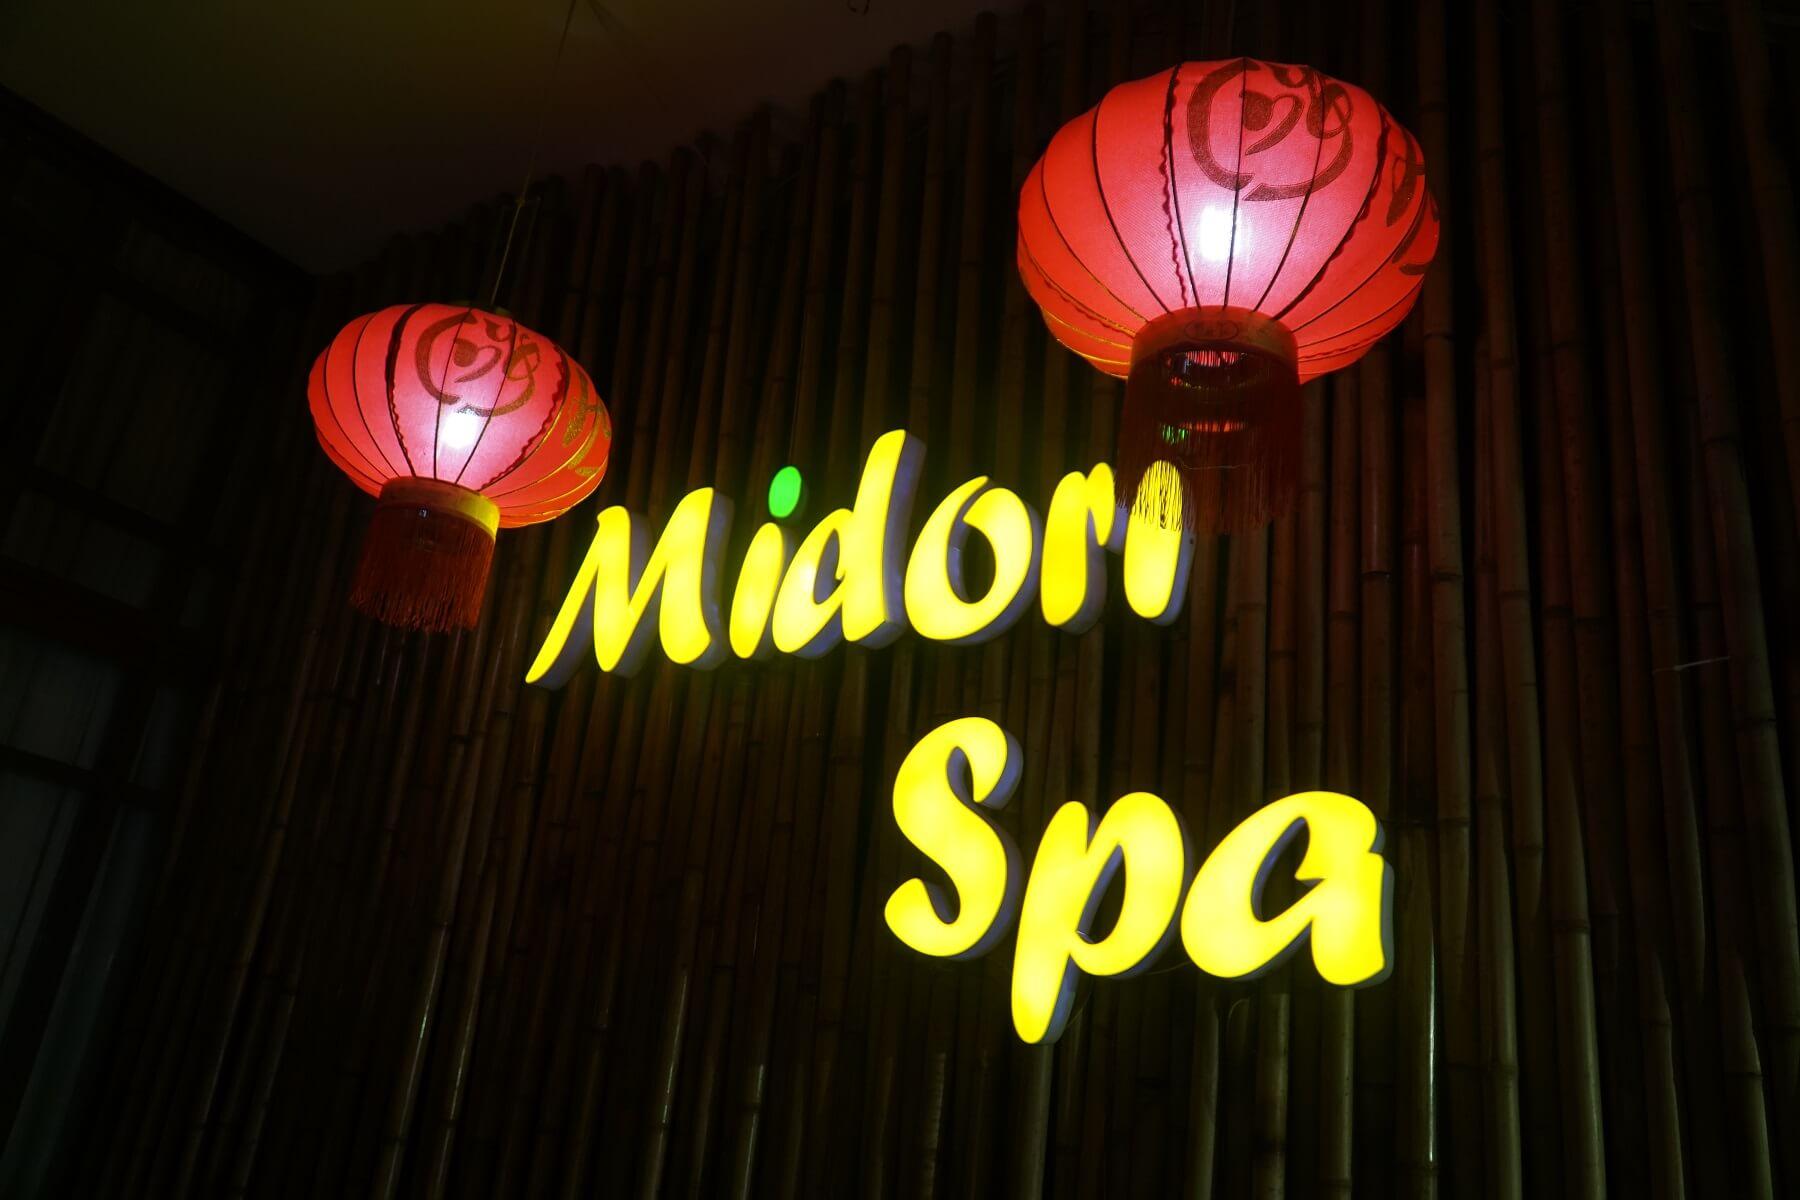 Midori 1